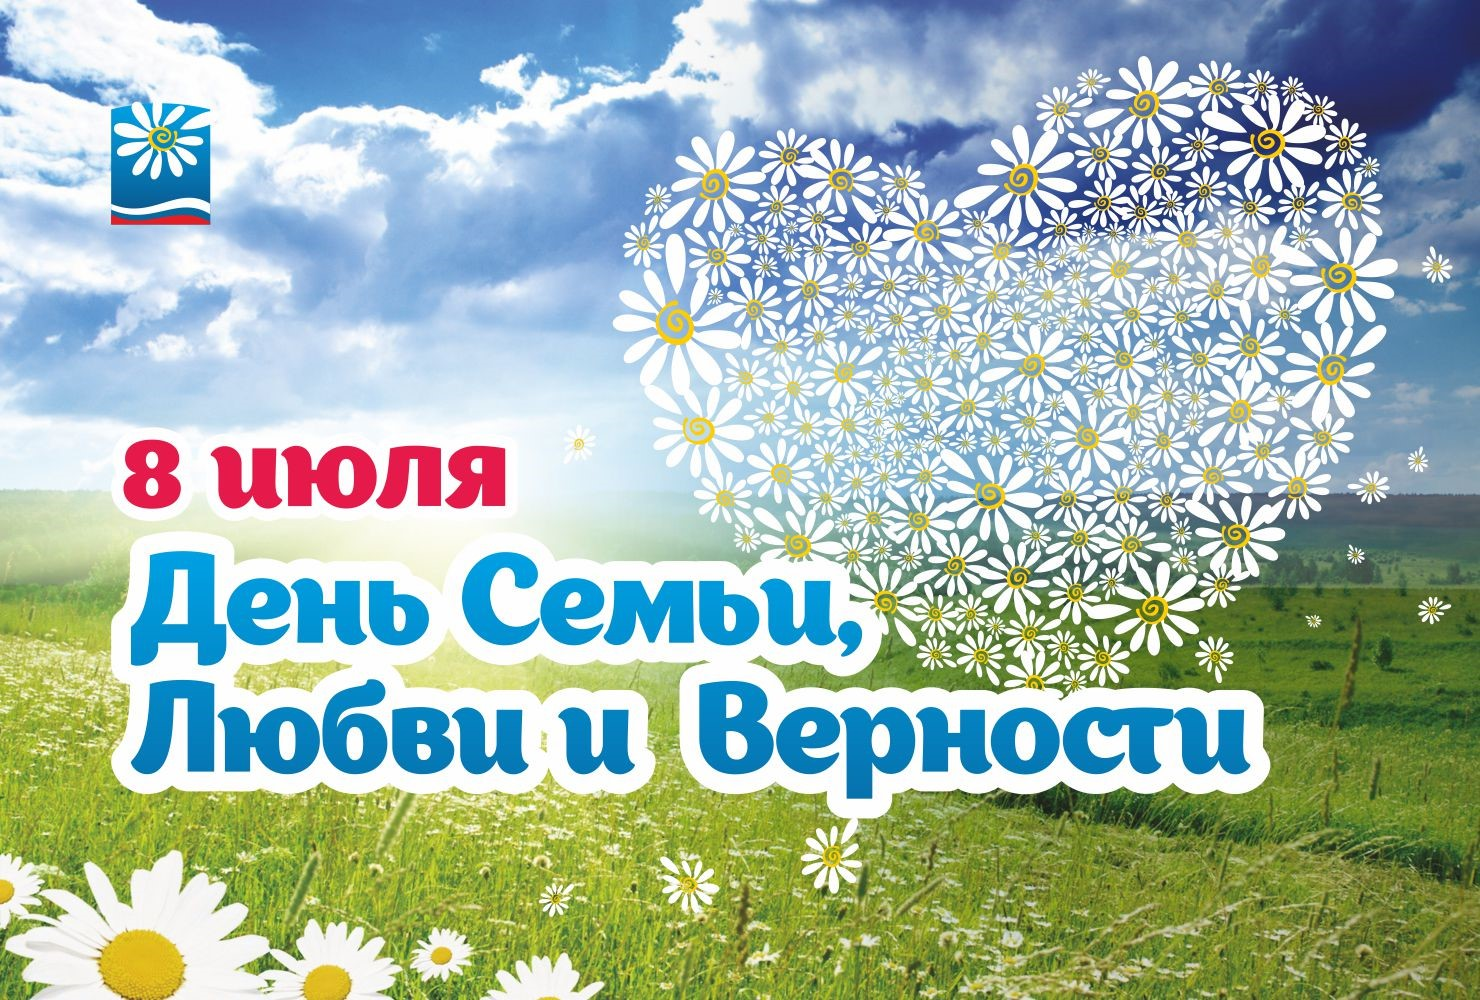 Поздравление с Днём семьи, любви и верности от Михаила Антонцева